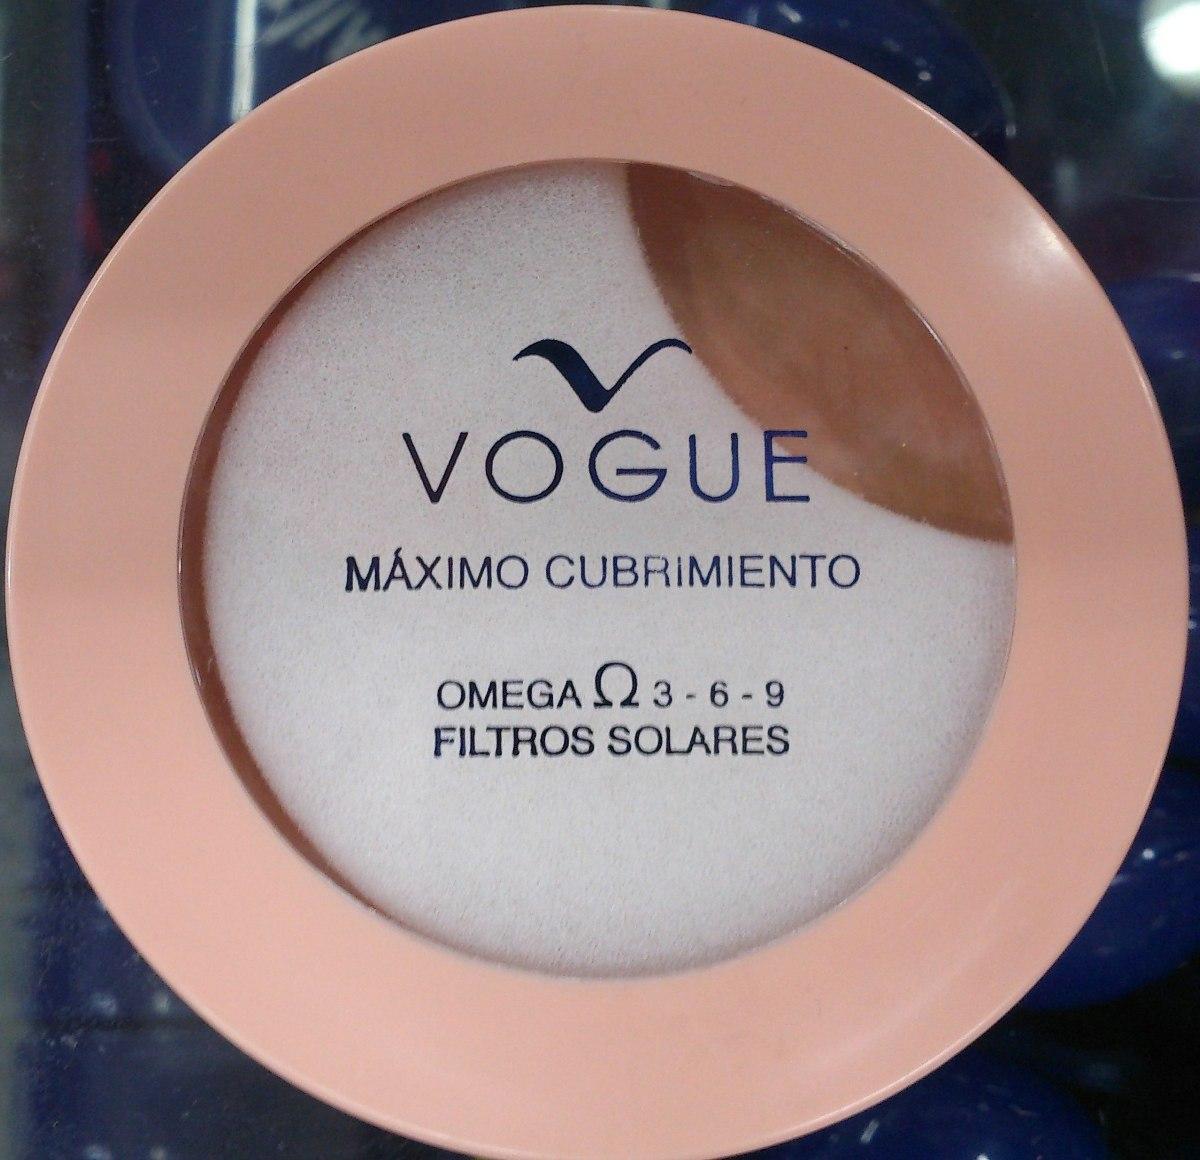 Polvo Compacto Máxima Cobertura Vogue Original - Bs. 20.500,00 en ... f46a41c184